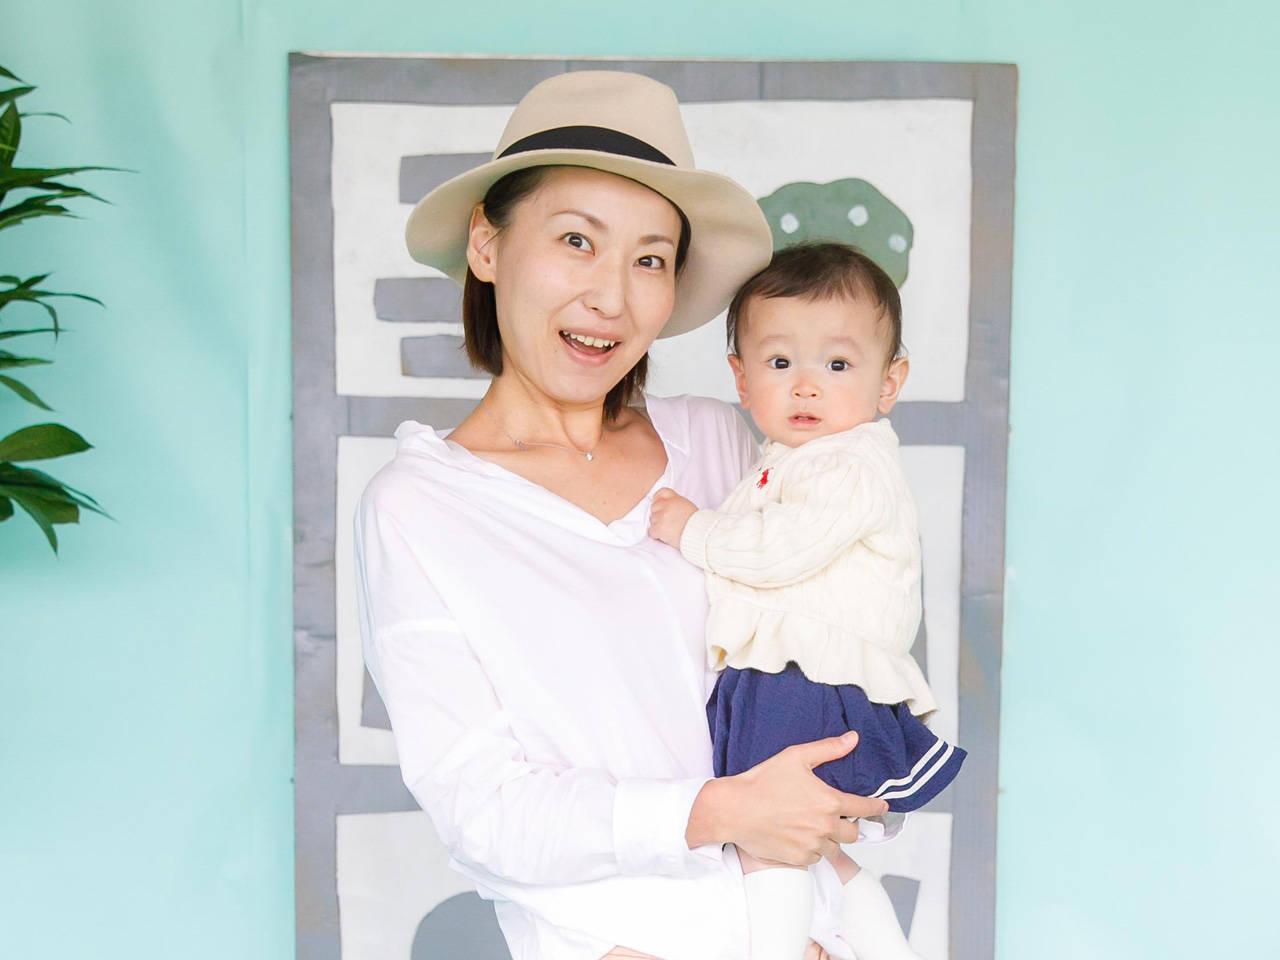 【名古屋】6月の親子スナップは「JR名古屋タカシマヤ」で開催!